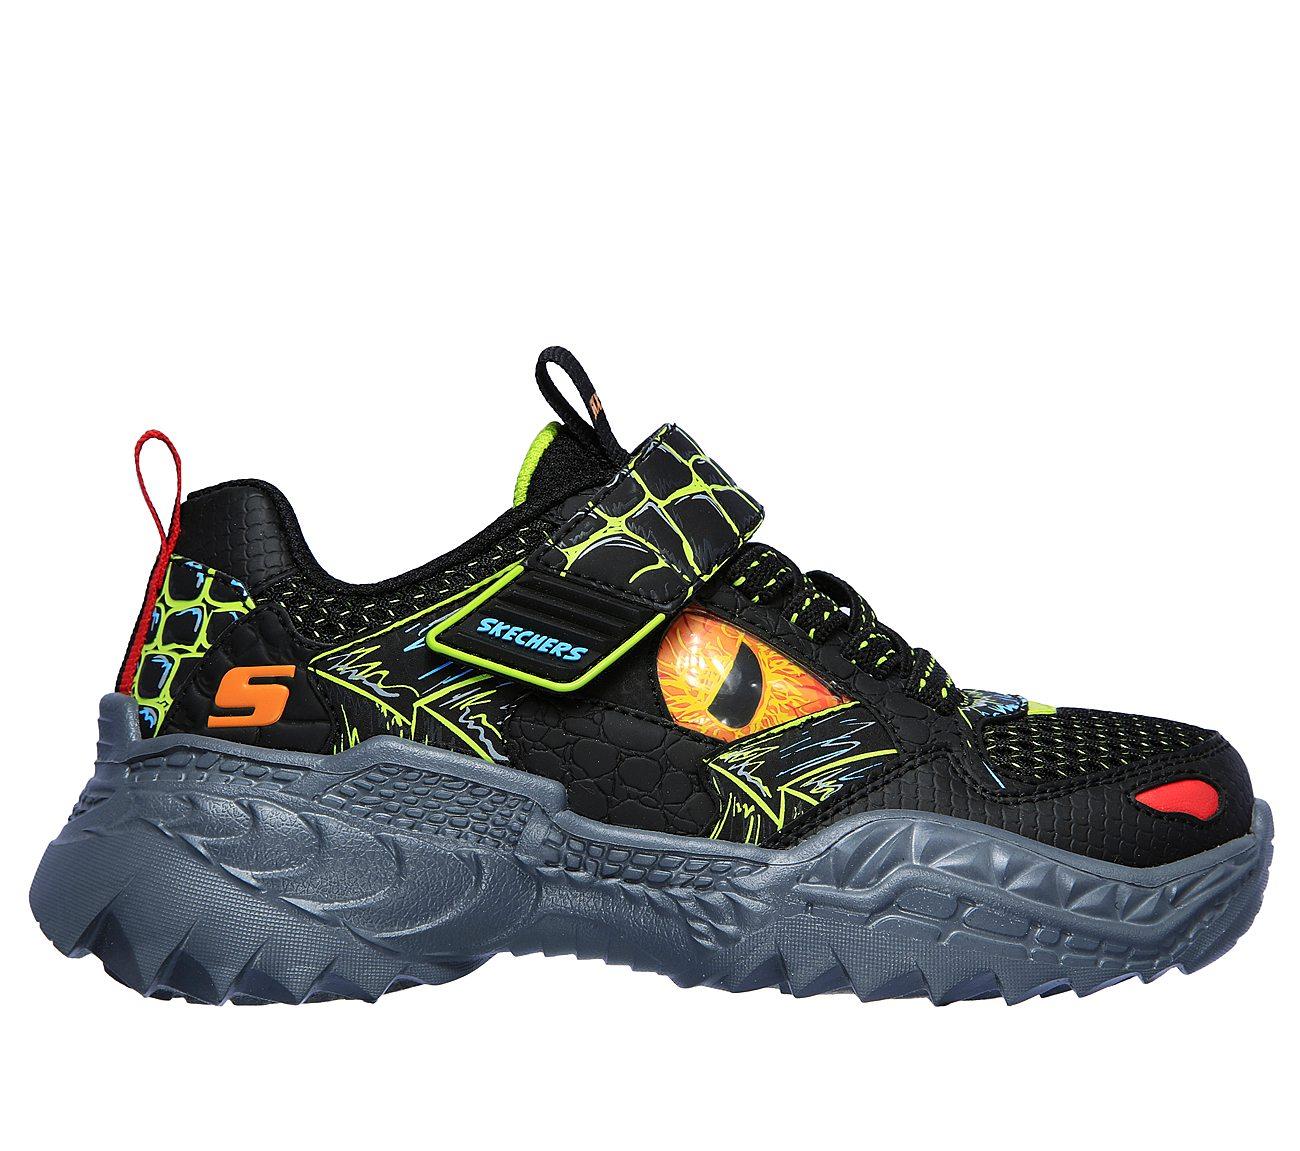 SKECHERS Skech-O-Saurus USA Casuals Shoes